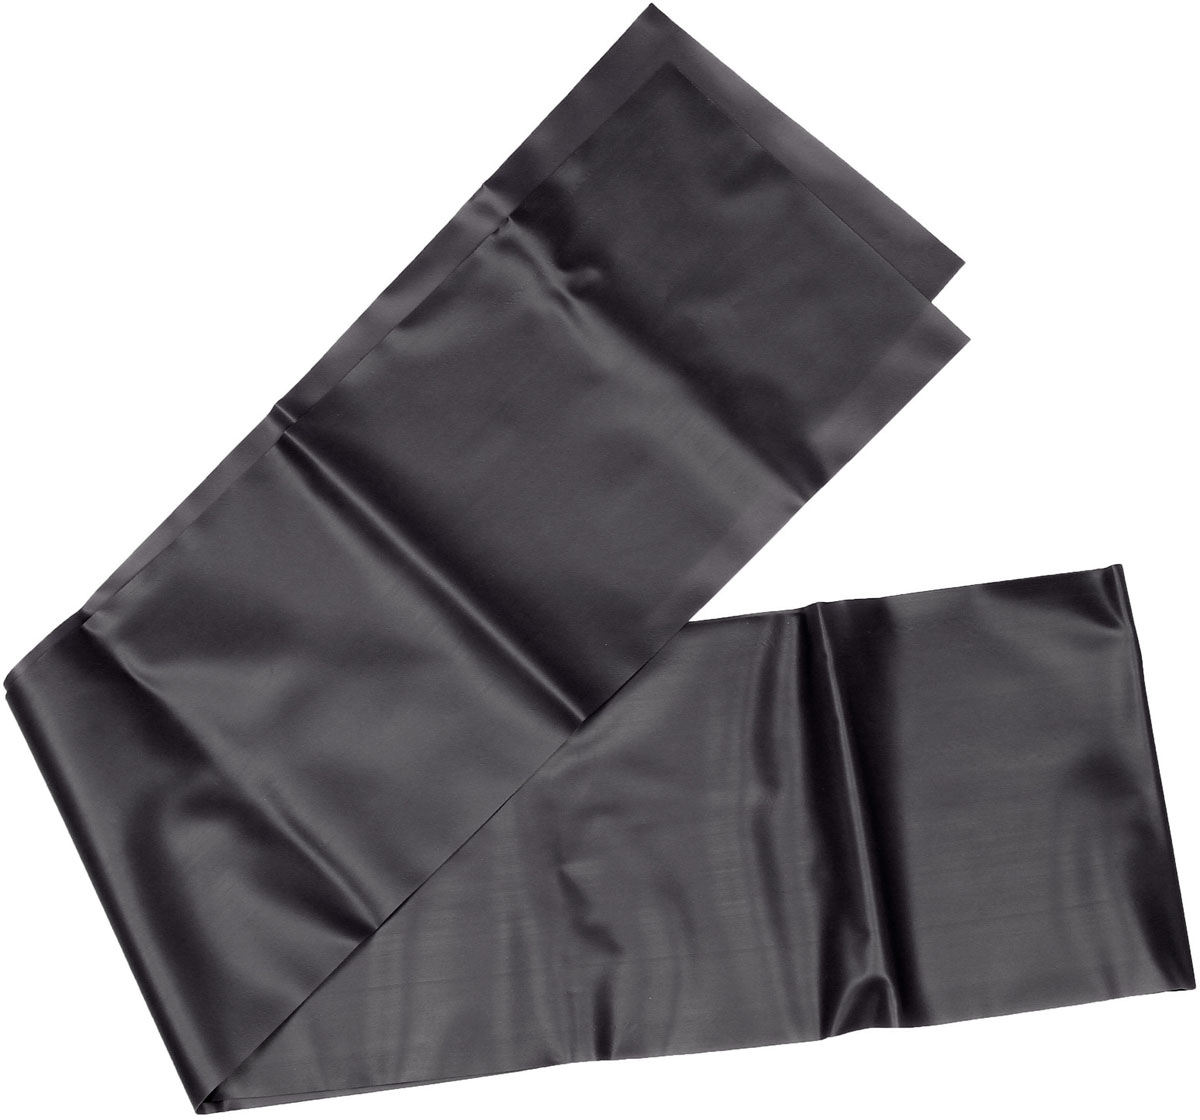 Эспандер ленточный Indigo Heavy, цвет: черный, 150 х 15 см эспандер mad god 1134 ks1134